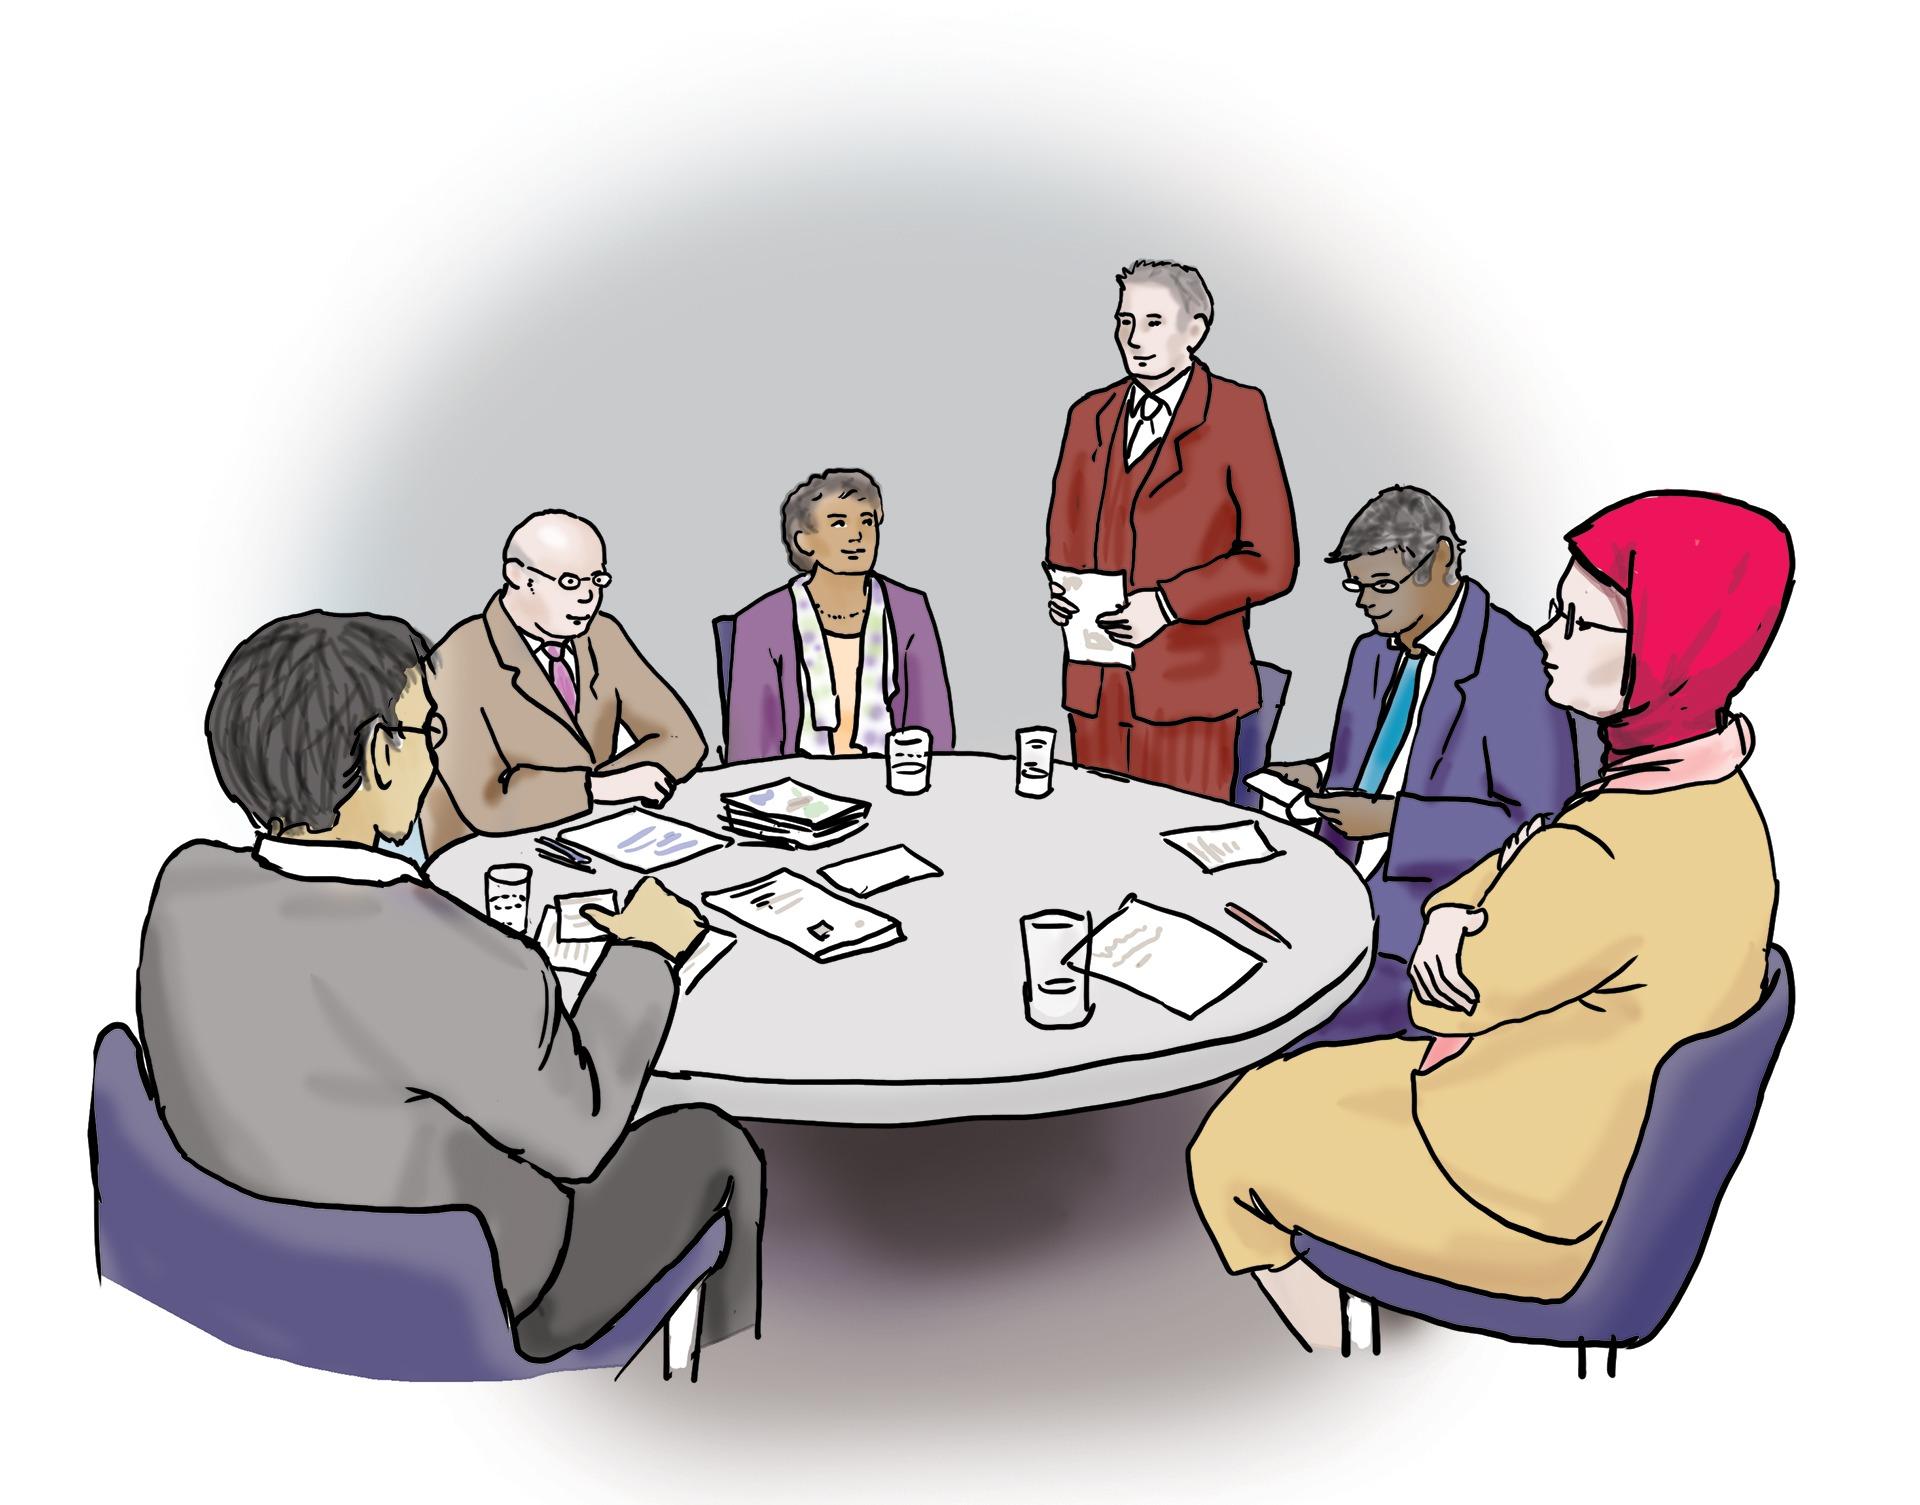 Das Bild zeigt eine Gruppe von Menschen. Sie sitzen an einem runden Tisch.